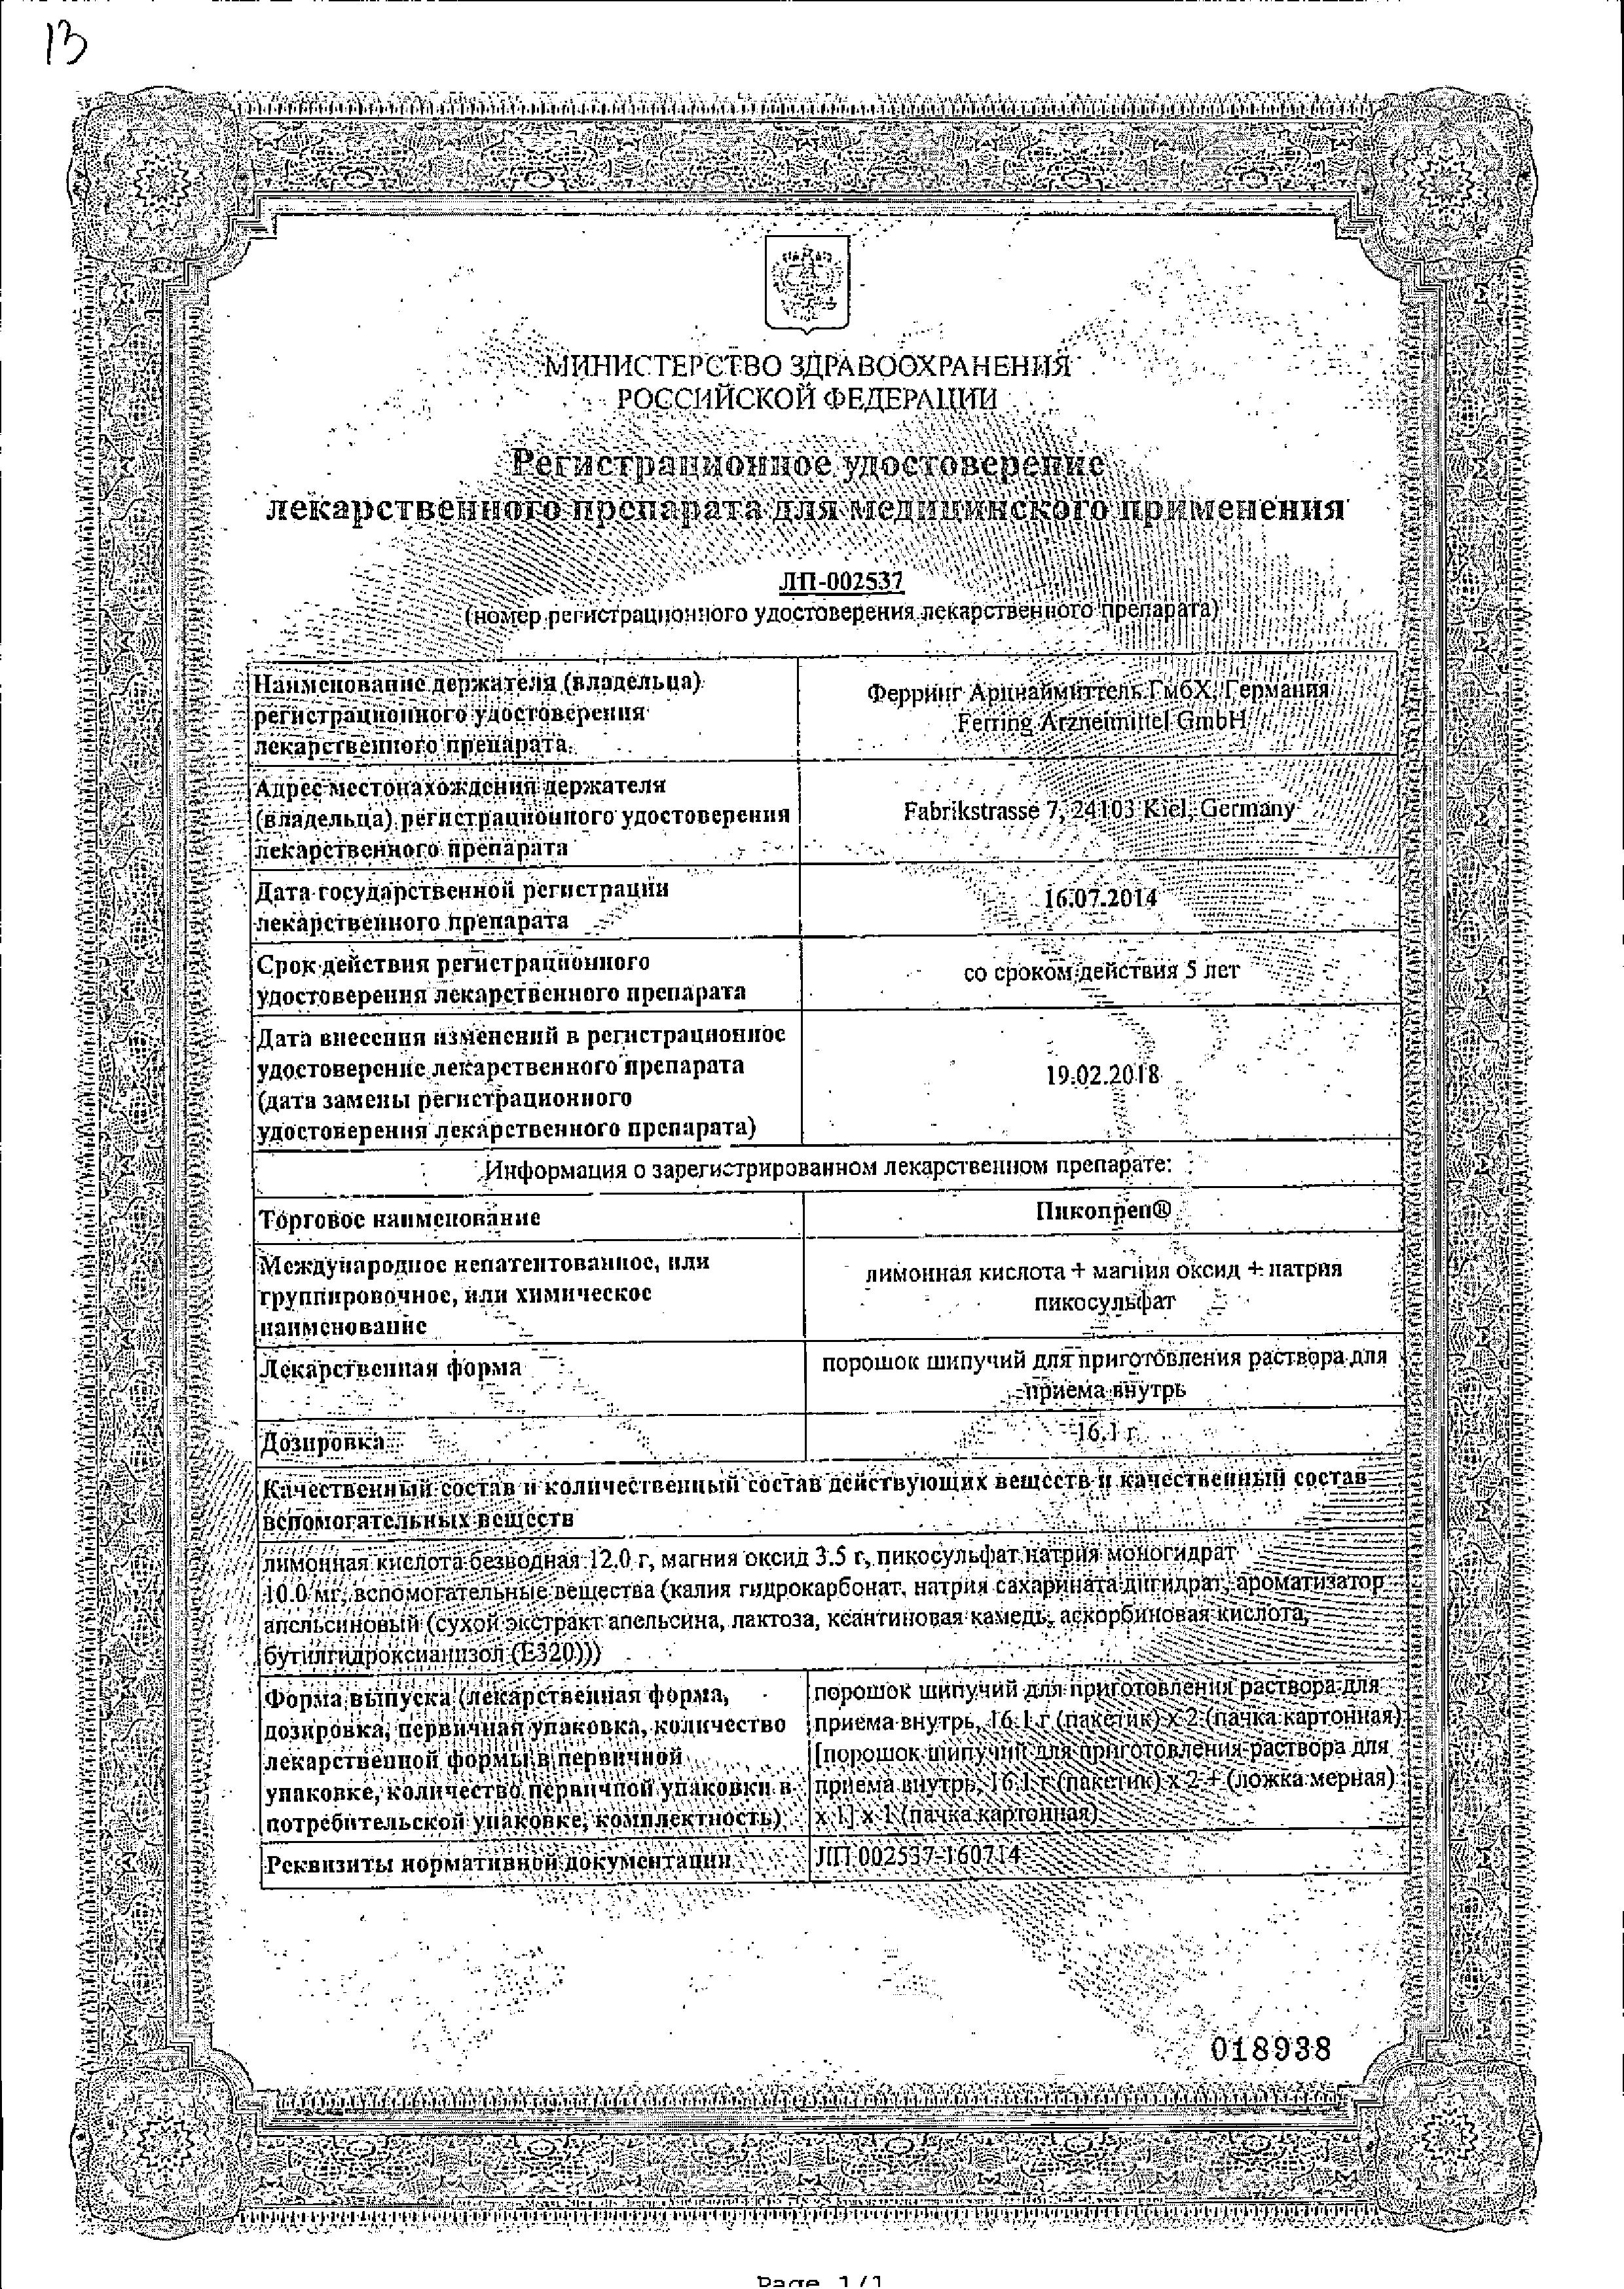 Пикопреп сертификат